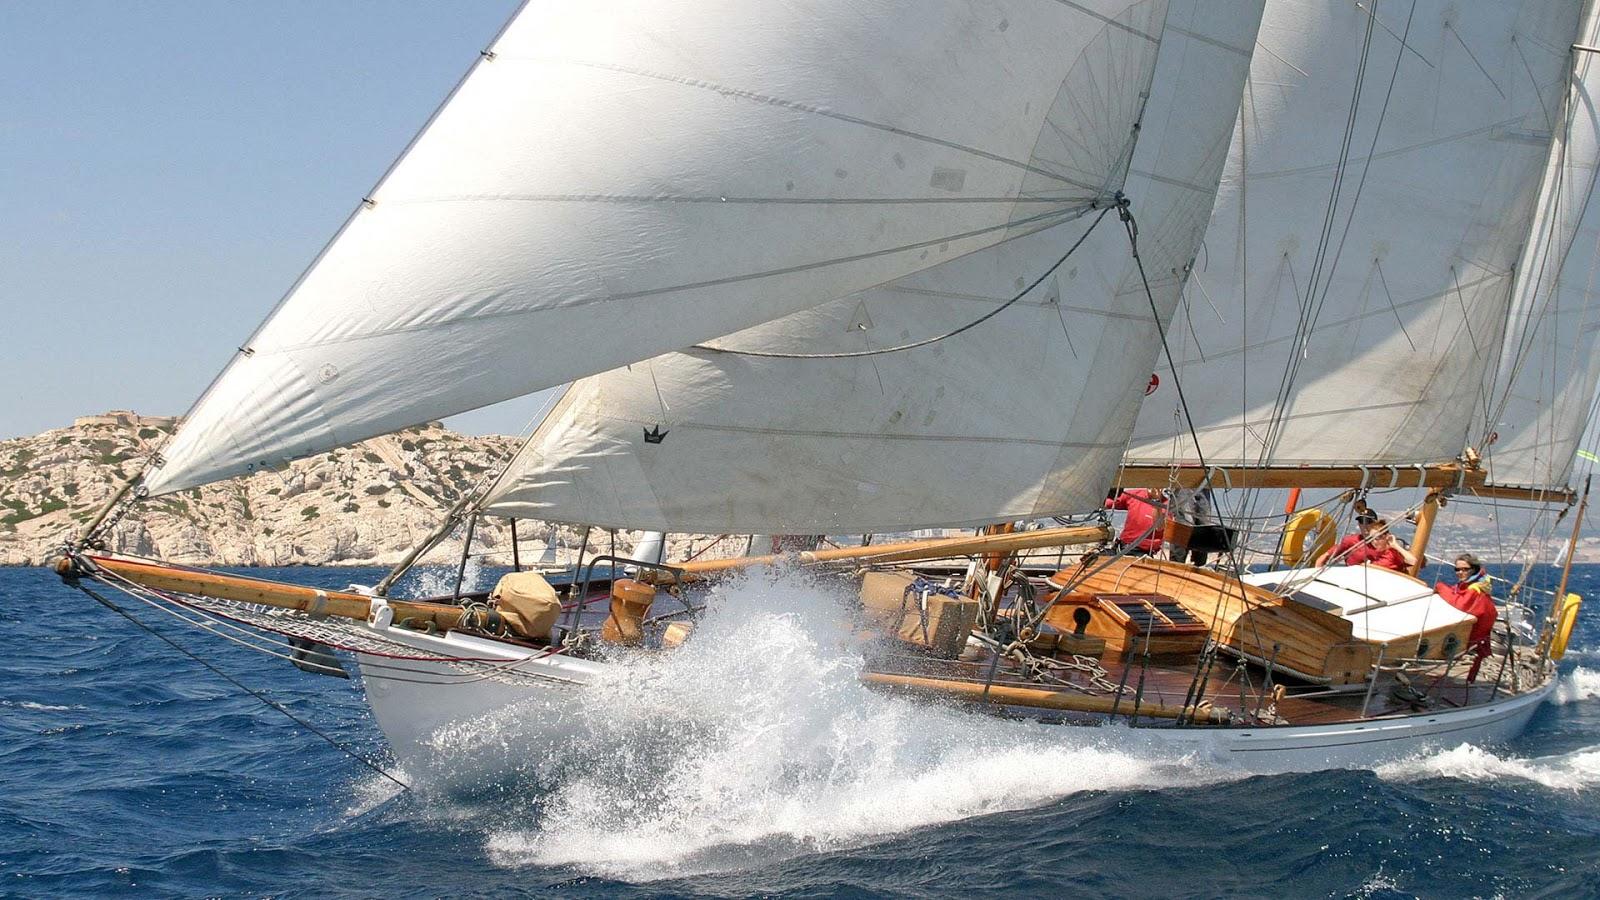 Skoiern um dos mais charmosos veleiros que j vi de perto